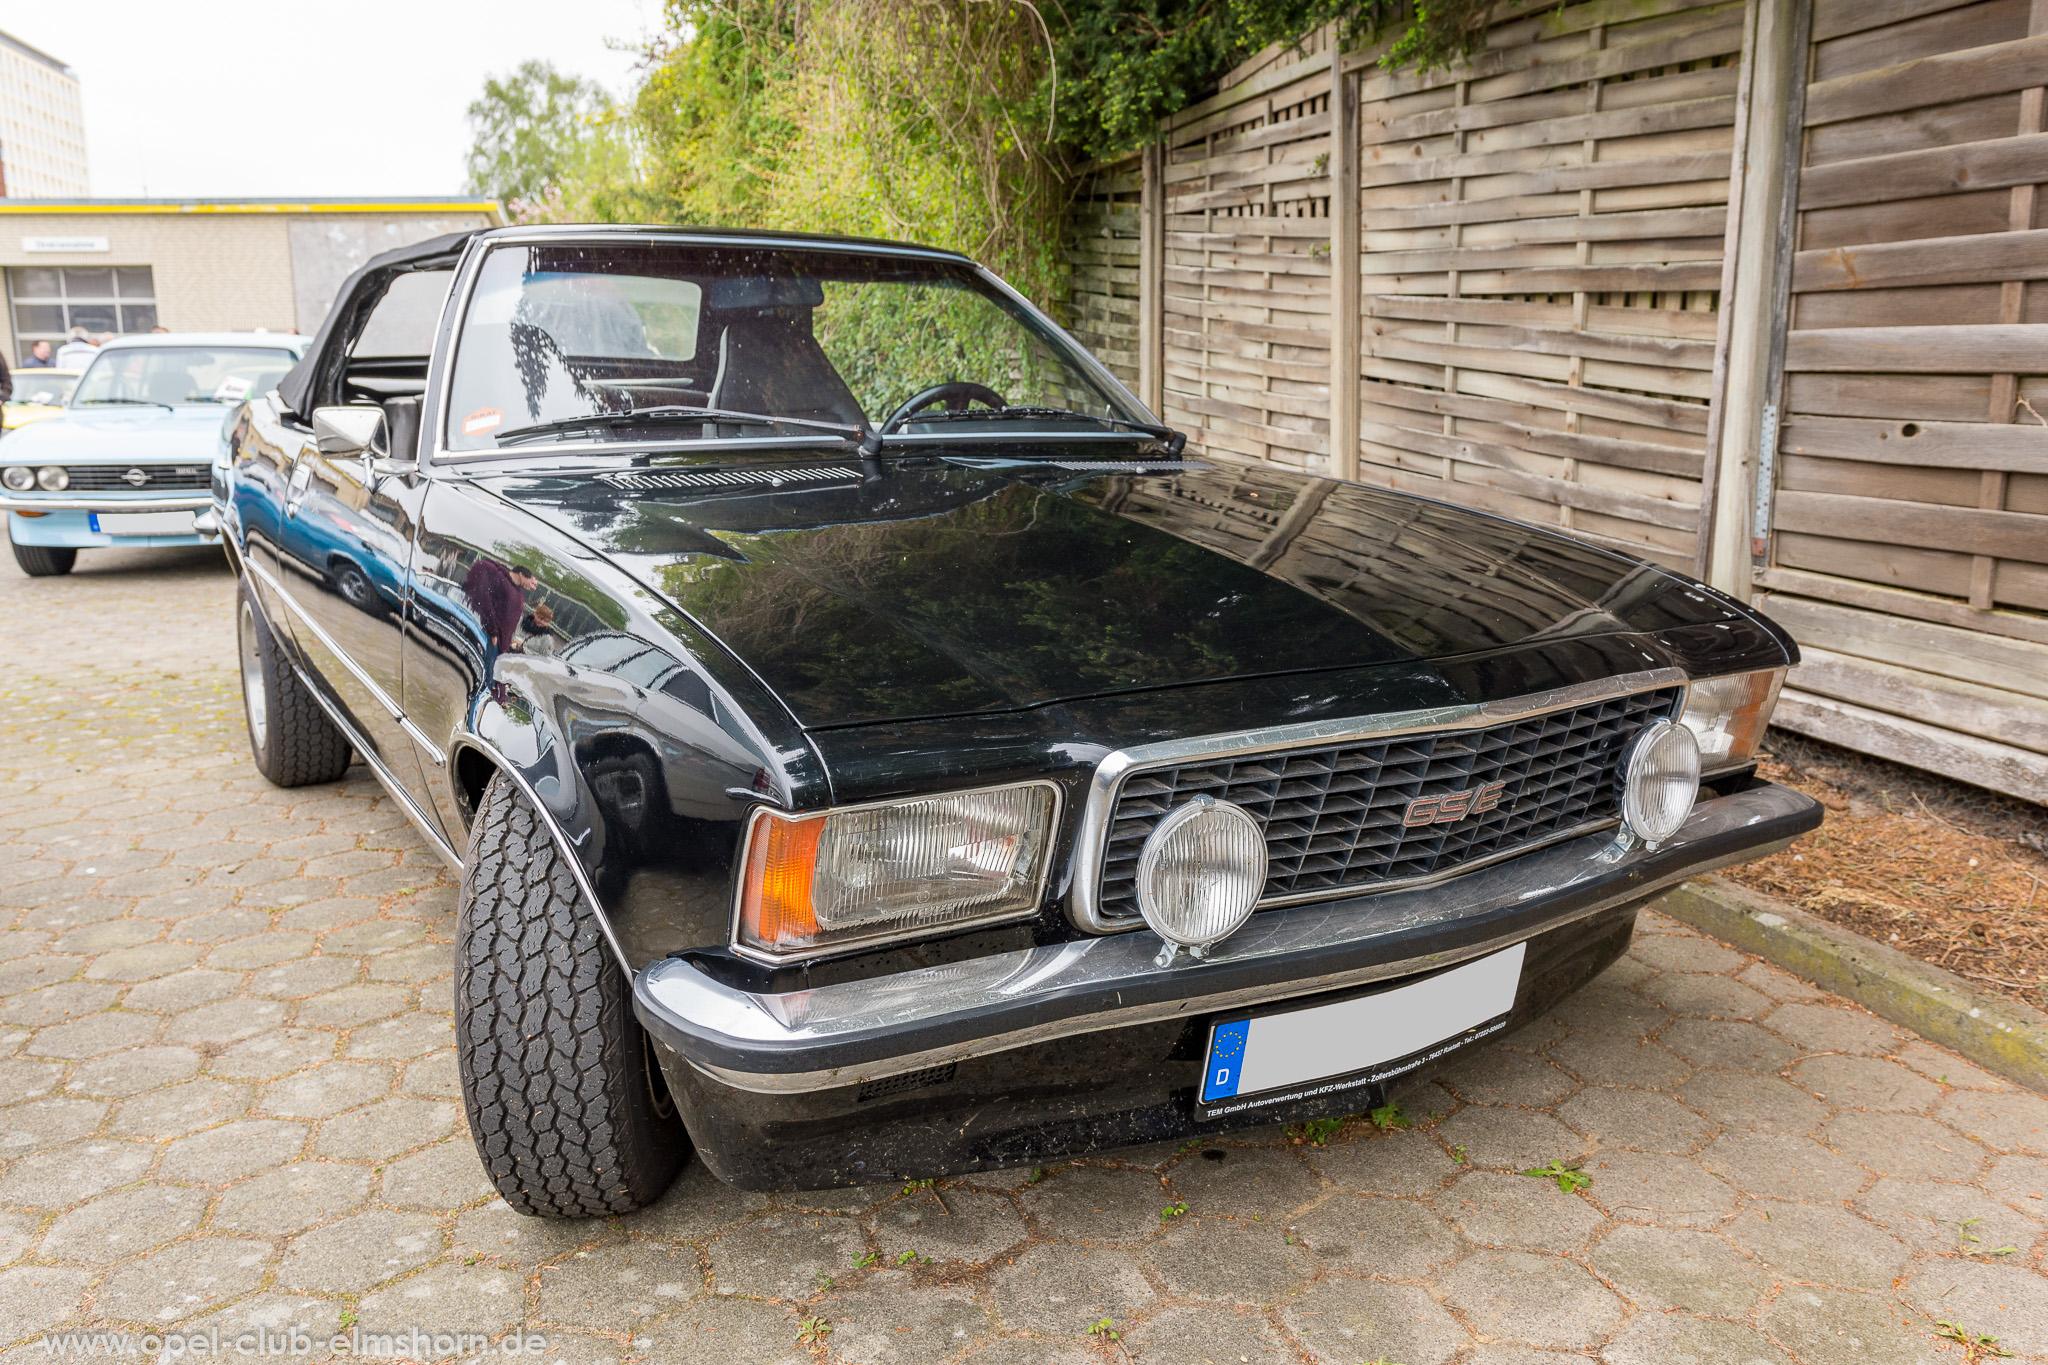 Altopeltreffen Wedel 2019 - 20190501_113347 - Opel Commodore B Cabrio